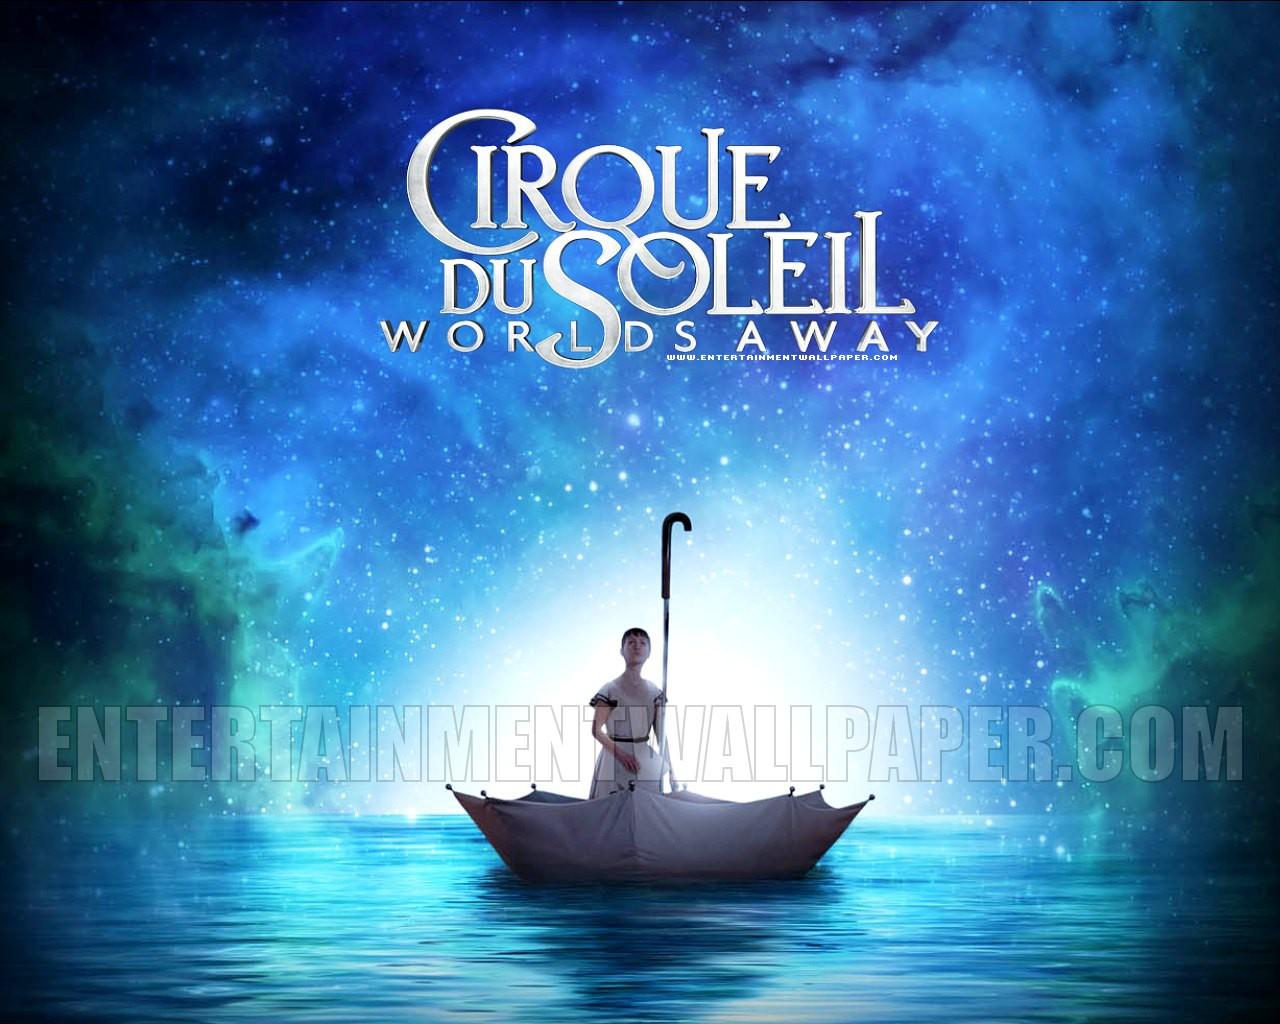 Cirque Du Soleil Worlds Away Wallpaper HD Wallpapers 1280x1024